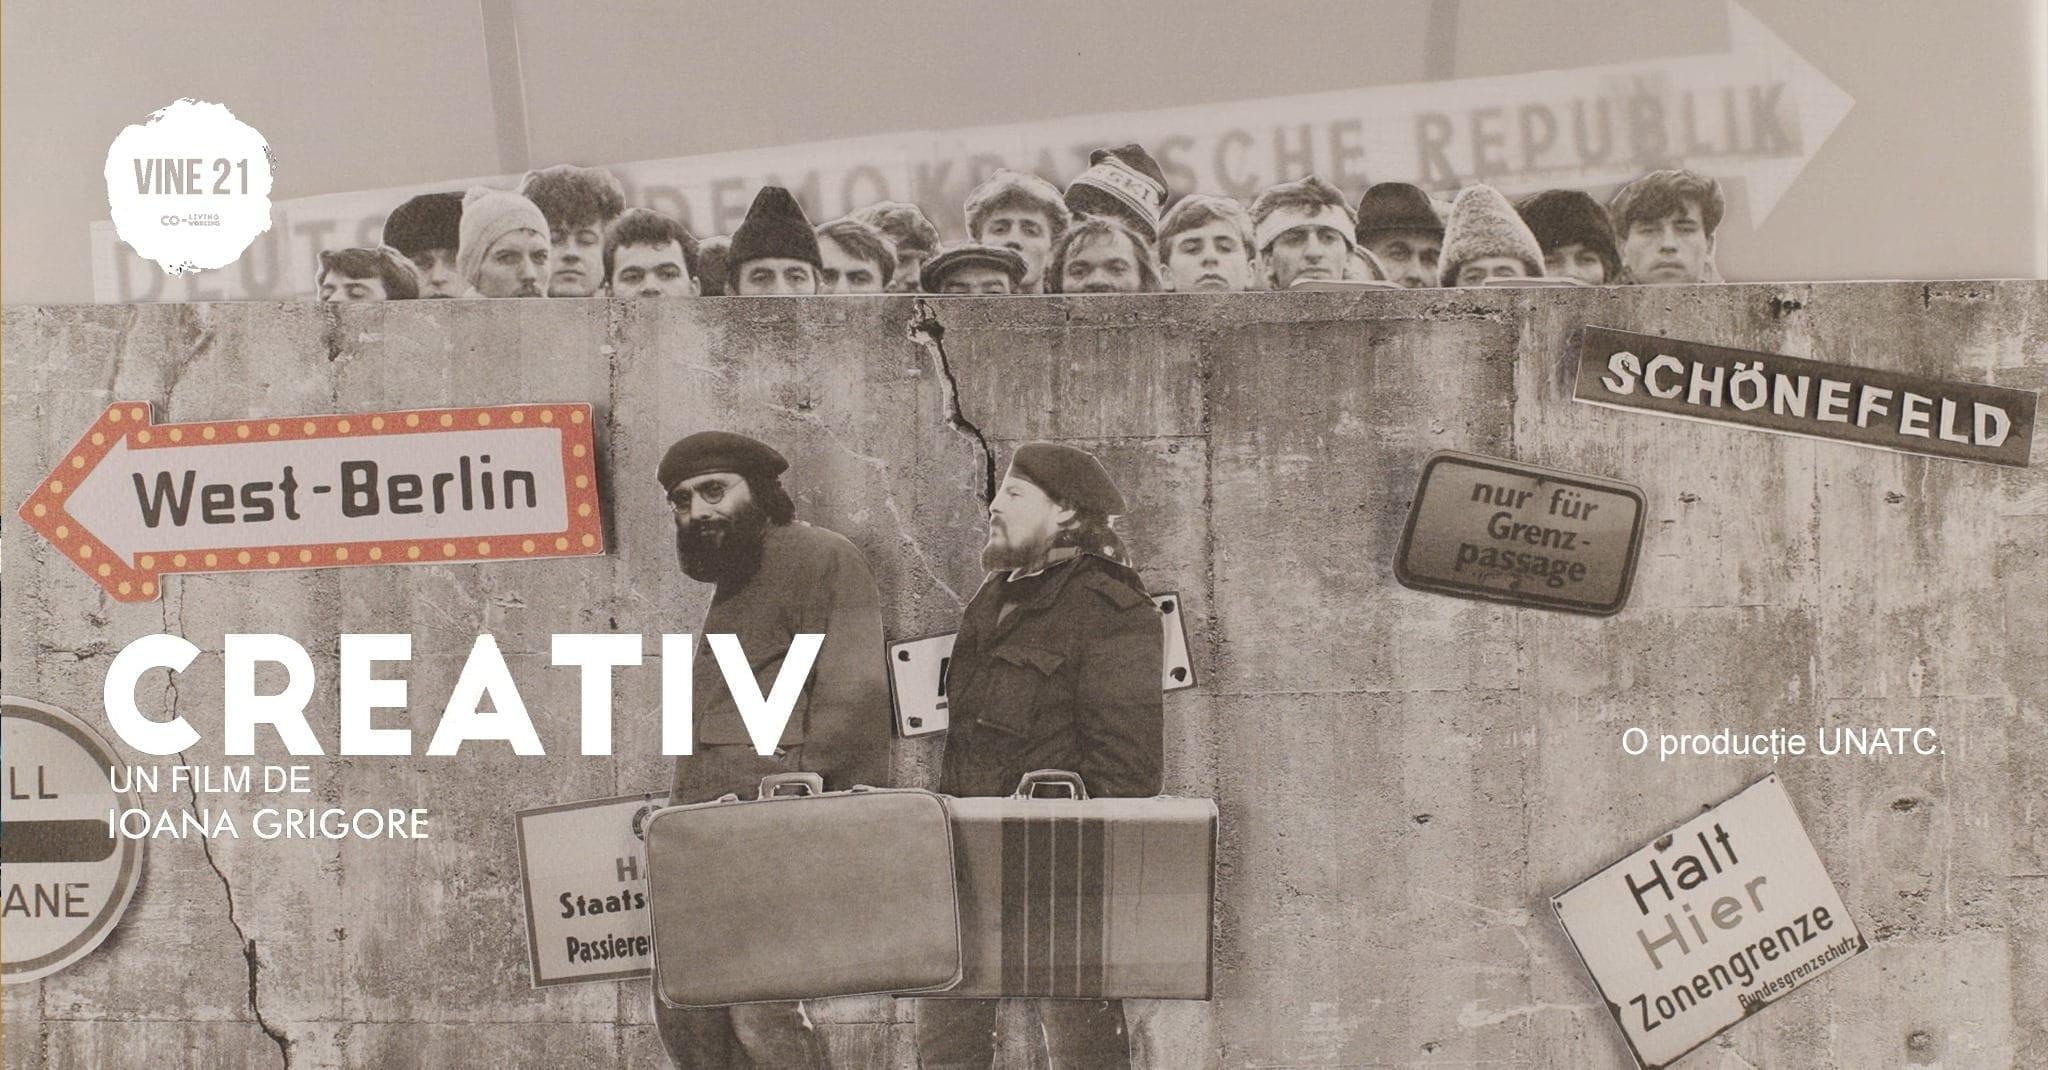 Proiectie Documentarul   Creativ de Ioana Grigore